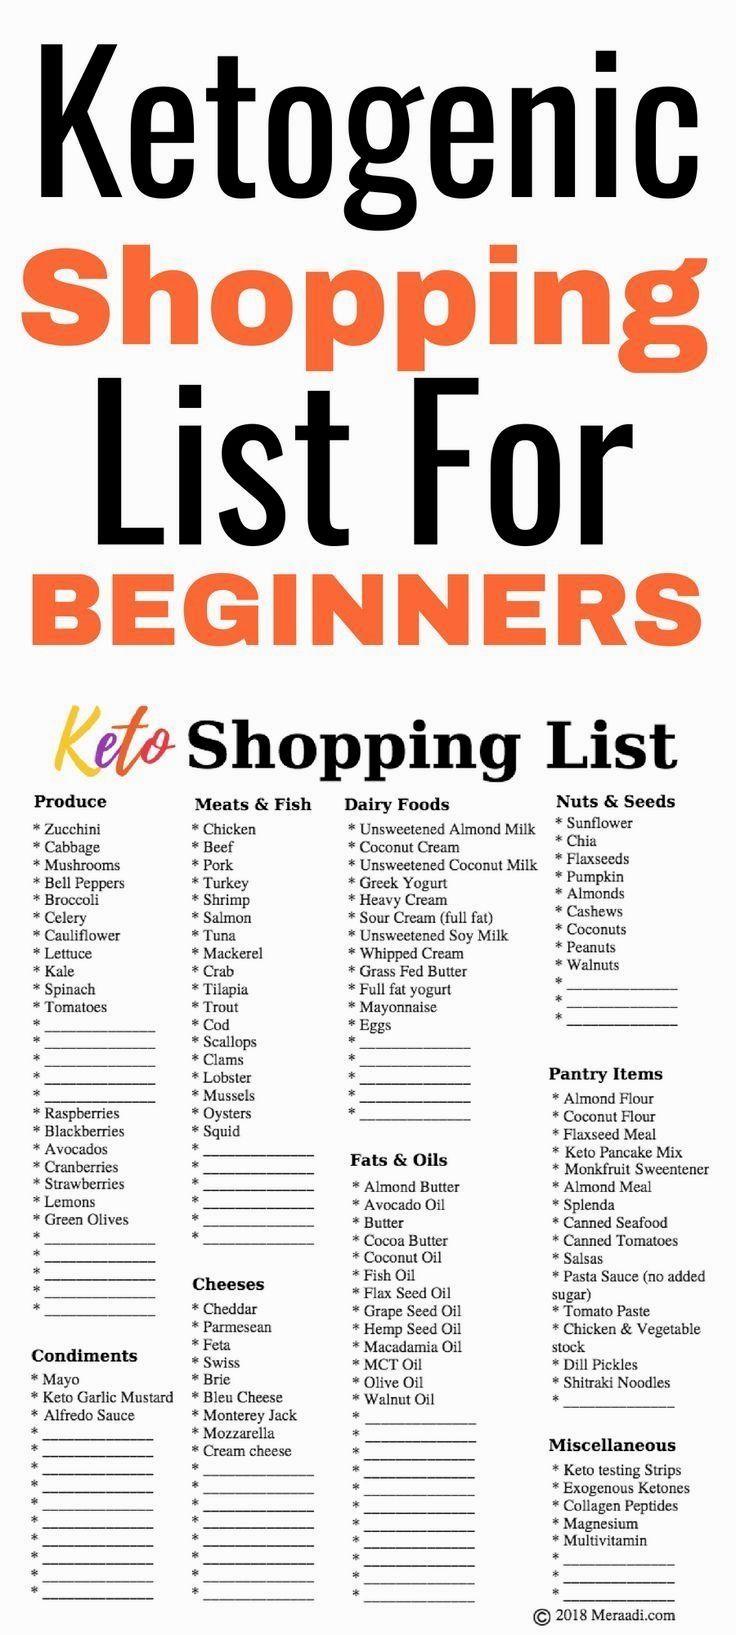 Diese ketogene Einkaufsliste für Anfänger listet alles auf, was Sie brauchen, um erfolgreich zu sein ..., This ketogenic shopping list for beginners lists everything you need to be succe... Diese ketogene Einkaufsliste für Anfänger listet alles auf, was ..., #alles #anfanger #brauchen #diese #einkaufsliste #ketogene #listet #ketodinnerrecipes